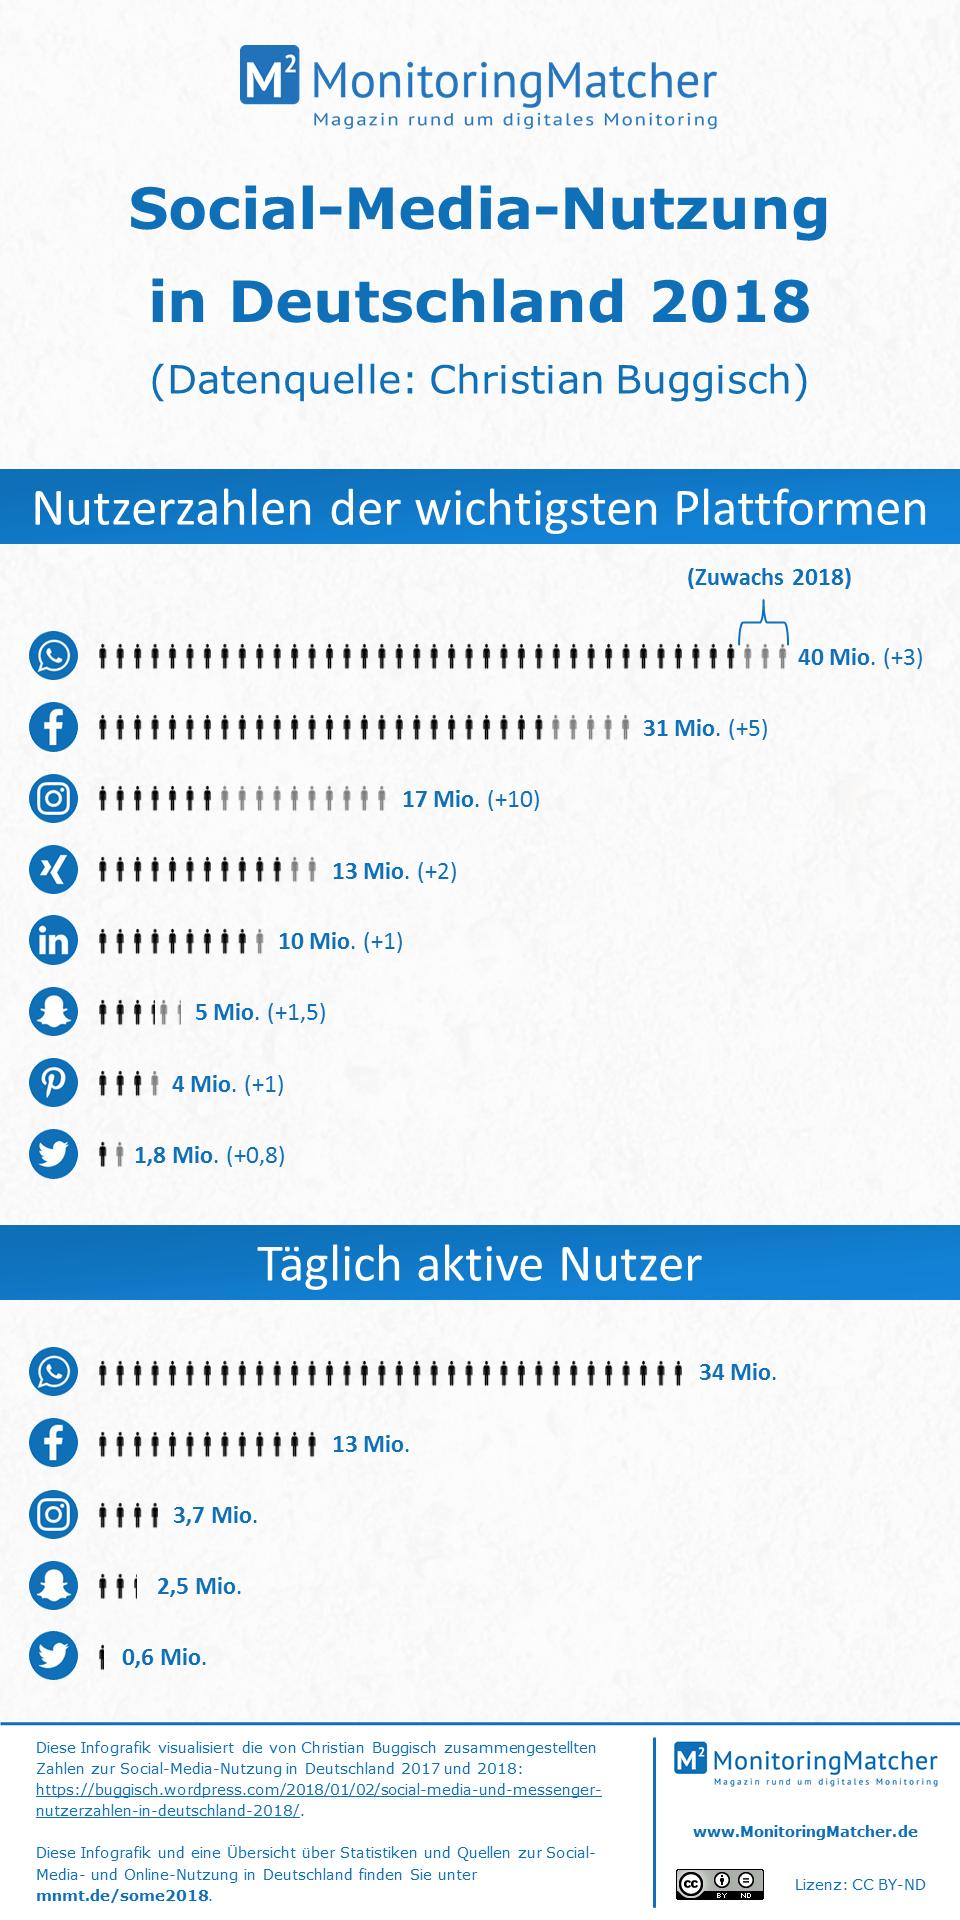 Infografik zur Social-Media-Nutzung in Deutschland 2018 und weitere hilfreiche Quellen und Statistiken zur Online- und Social-Media-Nutzung